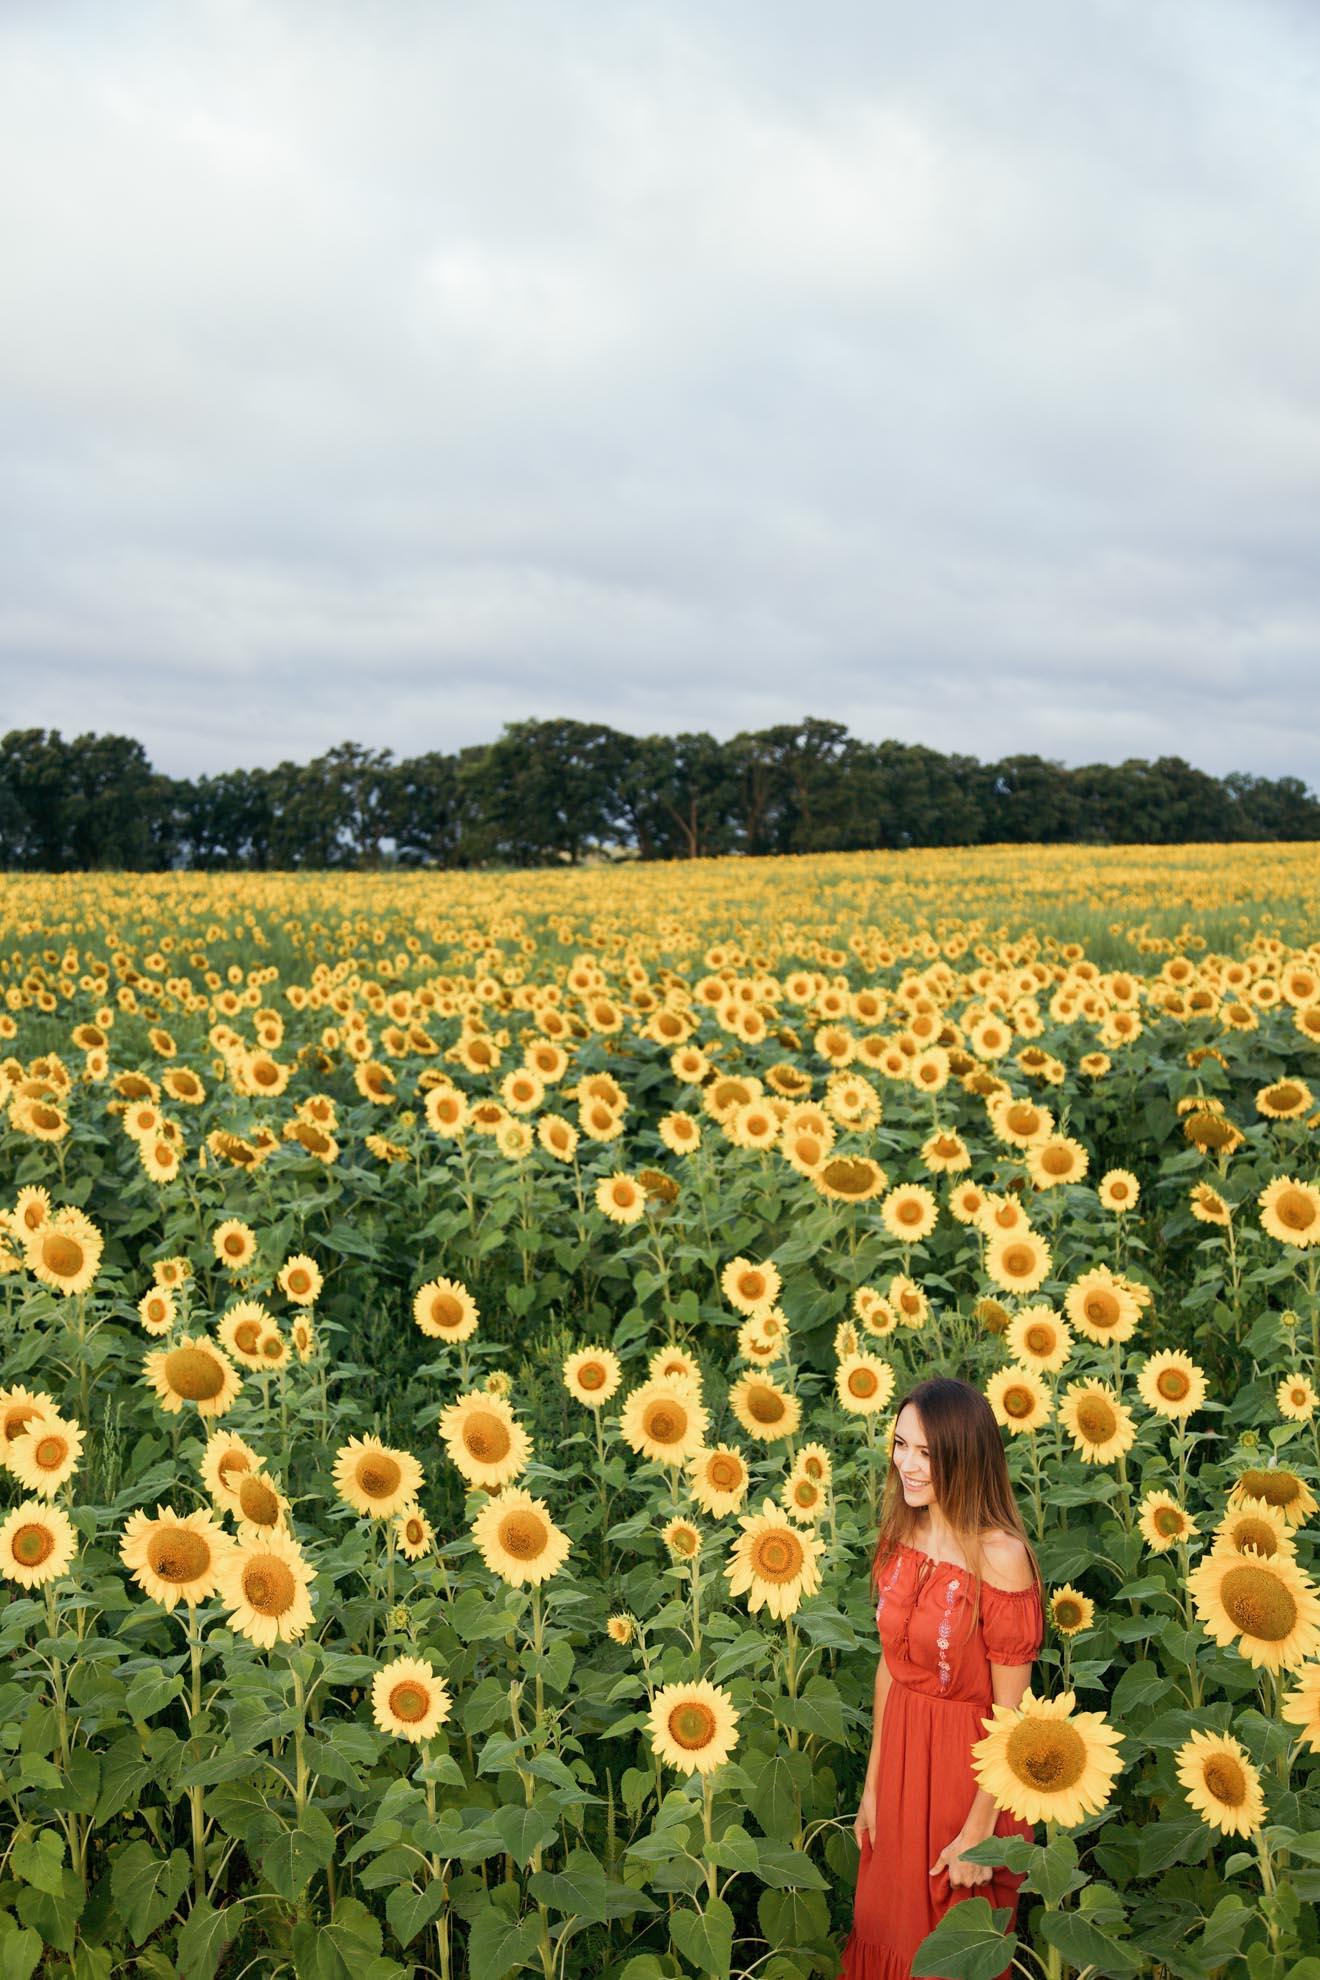 Sunflower Farm in Wisconsin